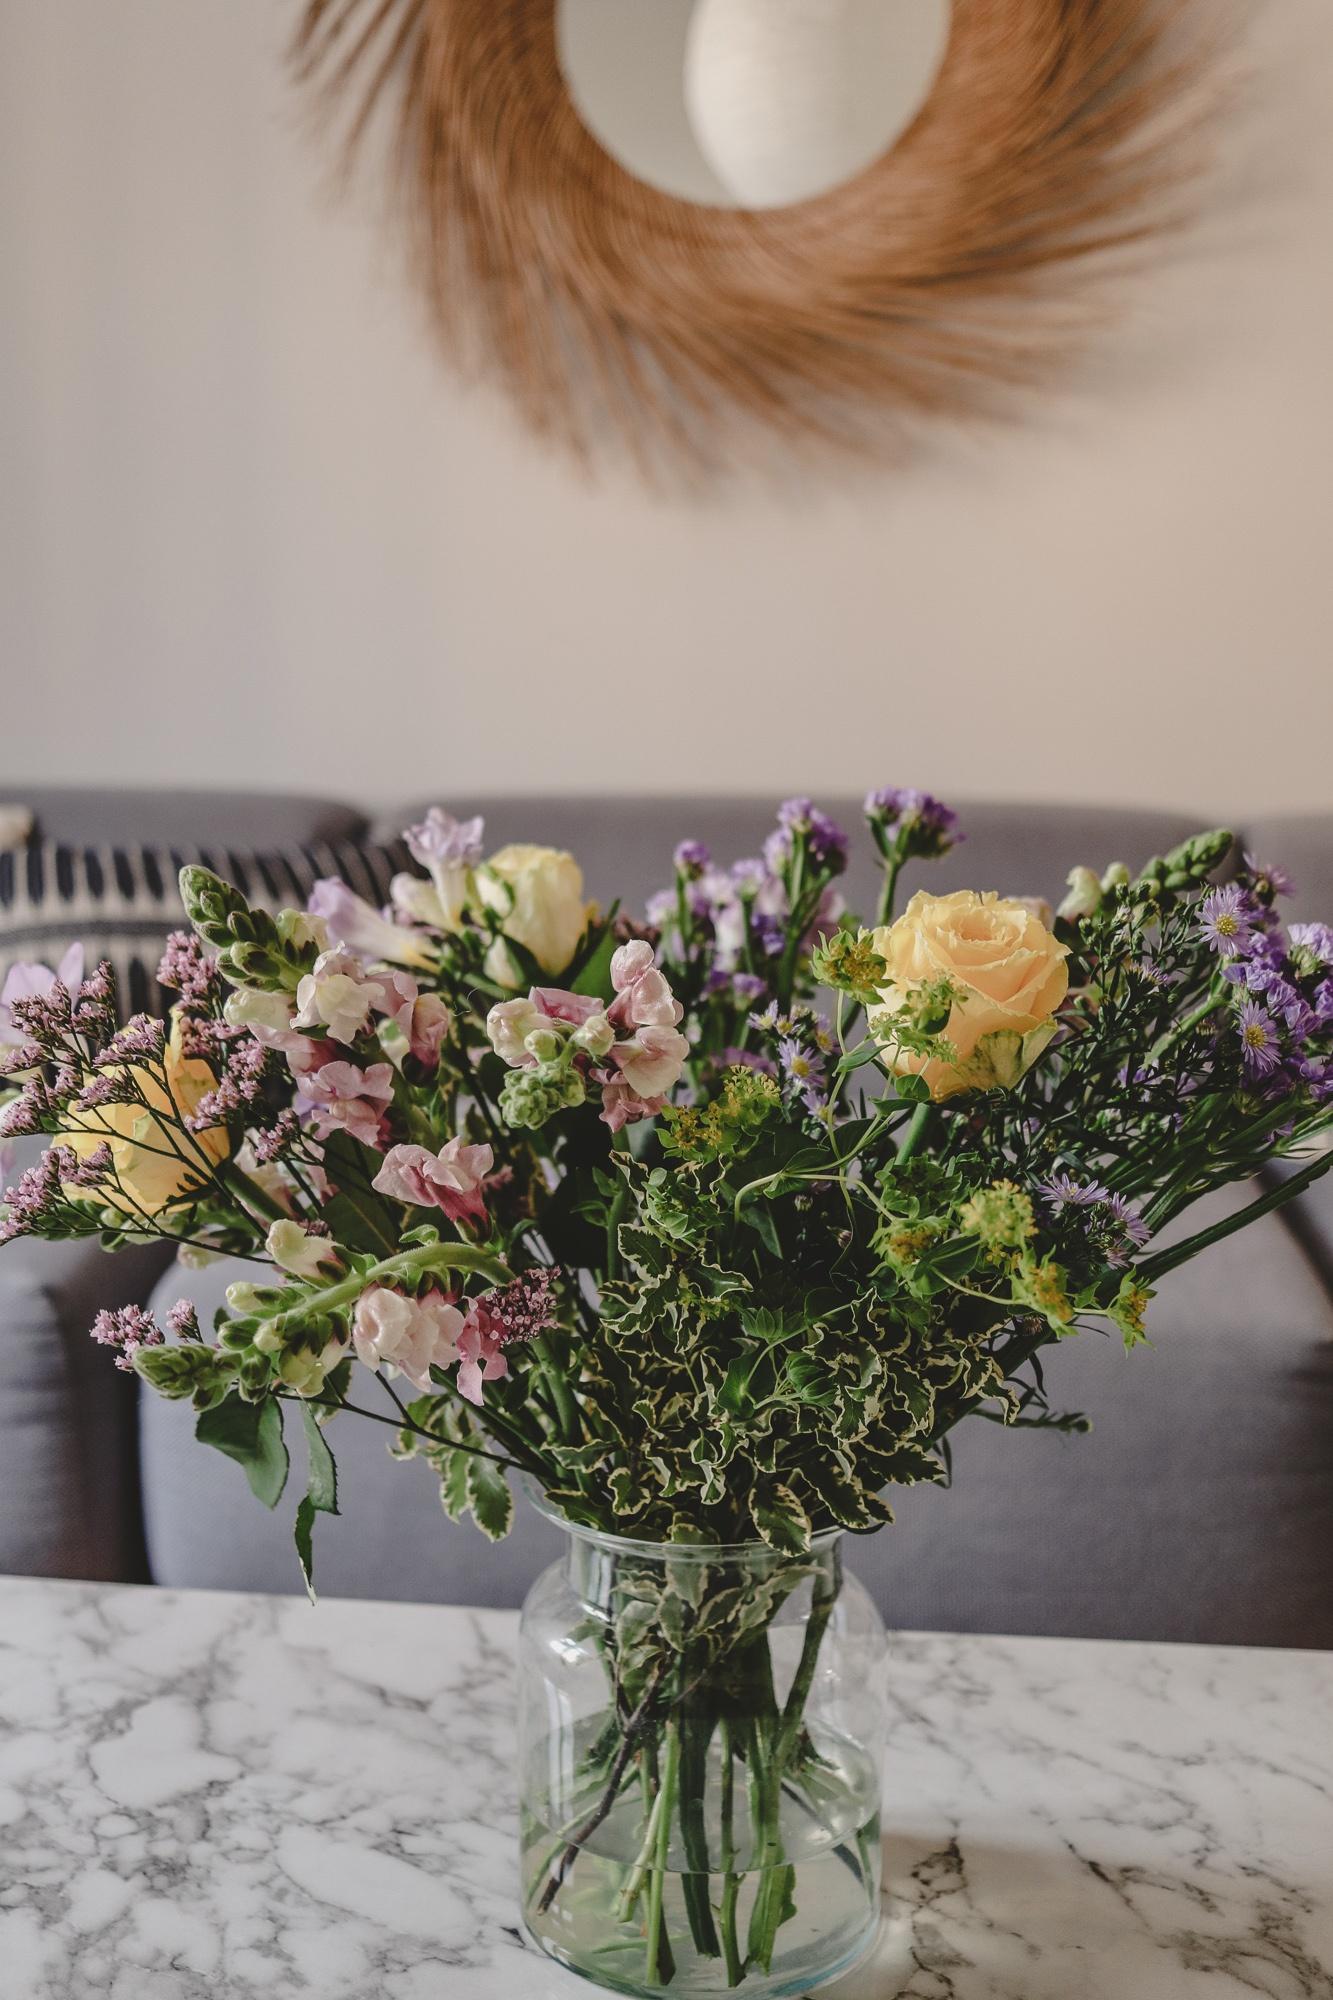 Der Strauß des Monats: Gelbe Rosen, Löwenmäulchen & Astern | Anzeige, enthält Affiliate Links